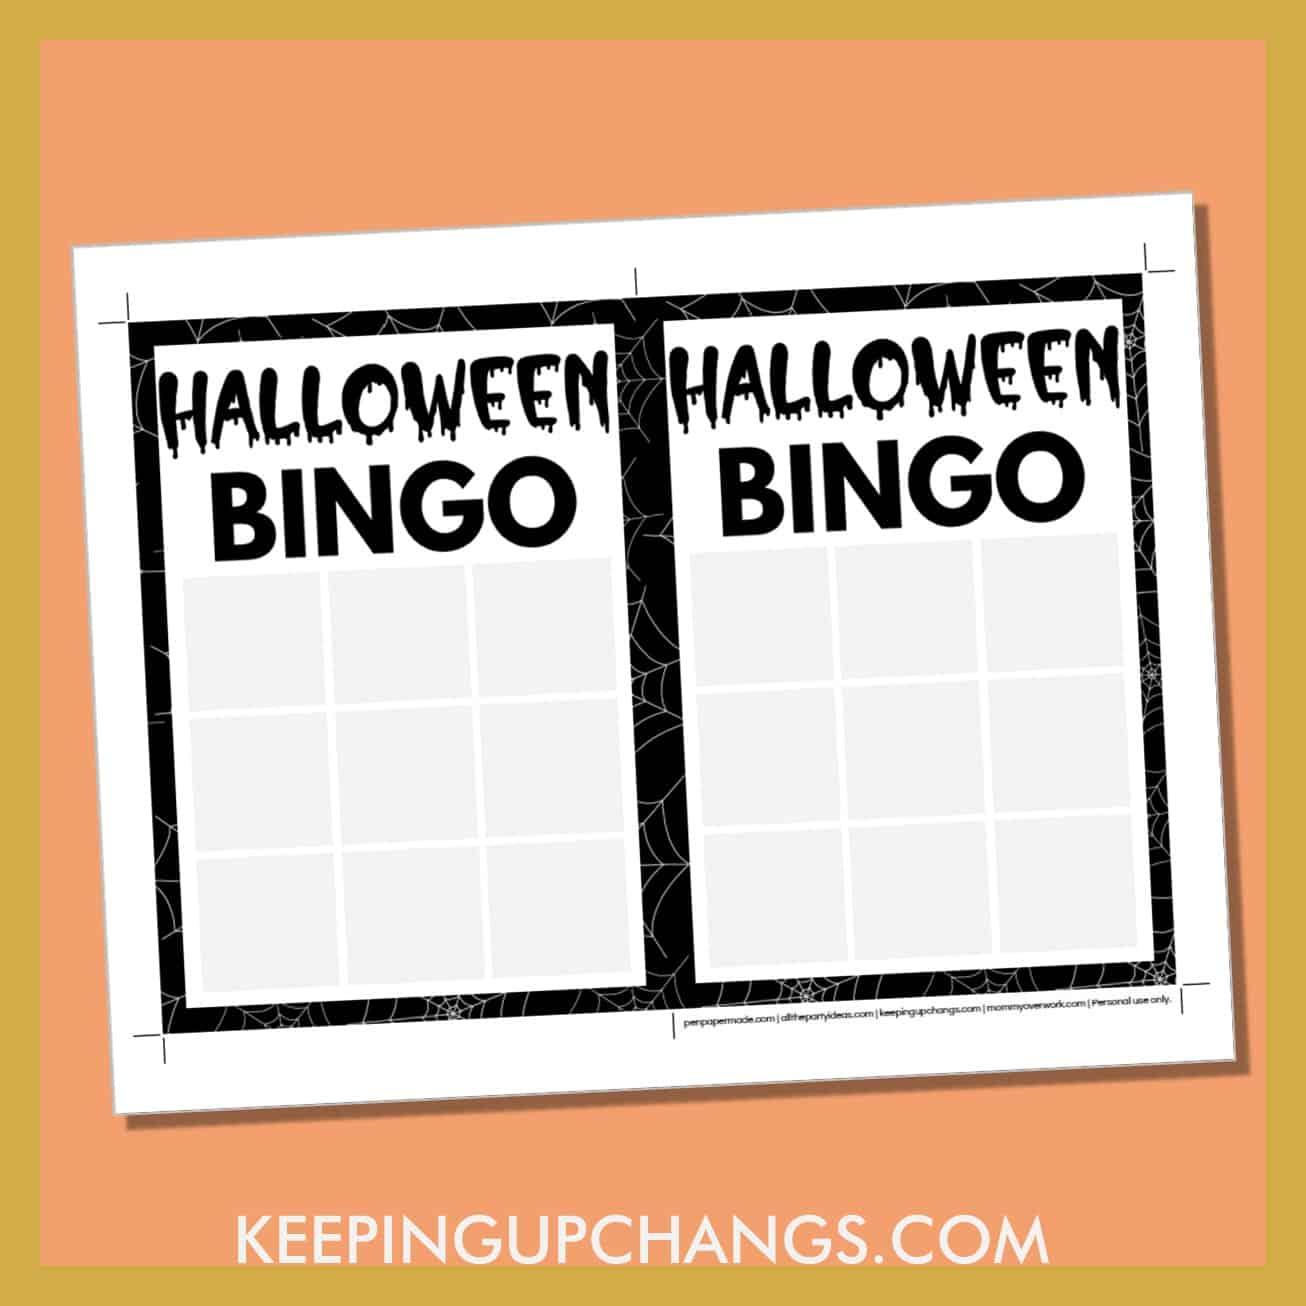 free halloween bingo 3x3 grid game board blank template.